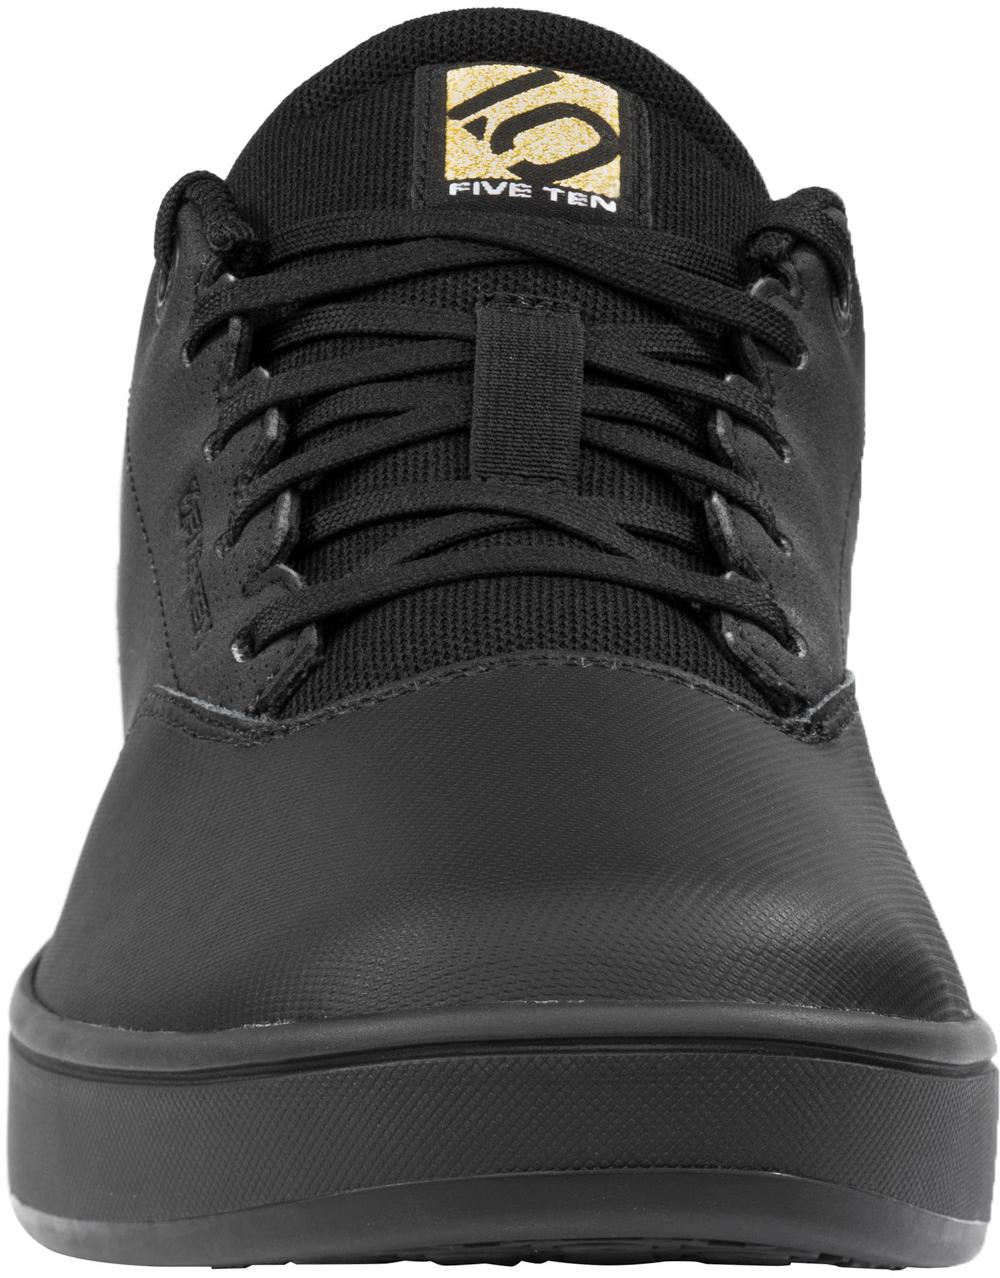 d320628116d Five Ten District Shoes - Men's | MEC